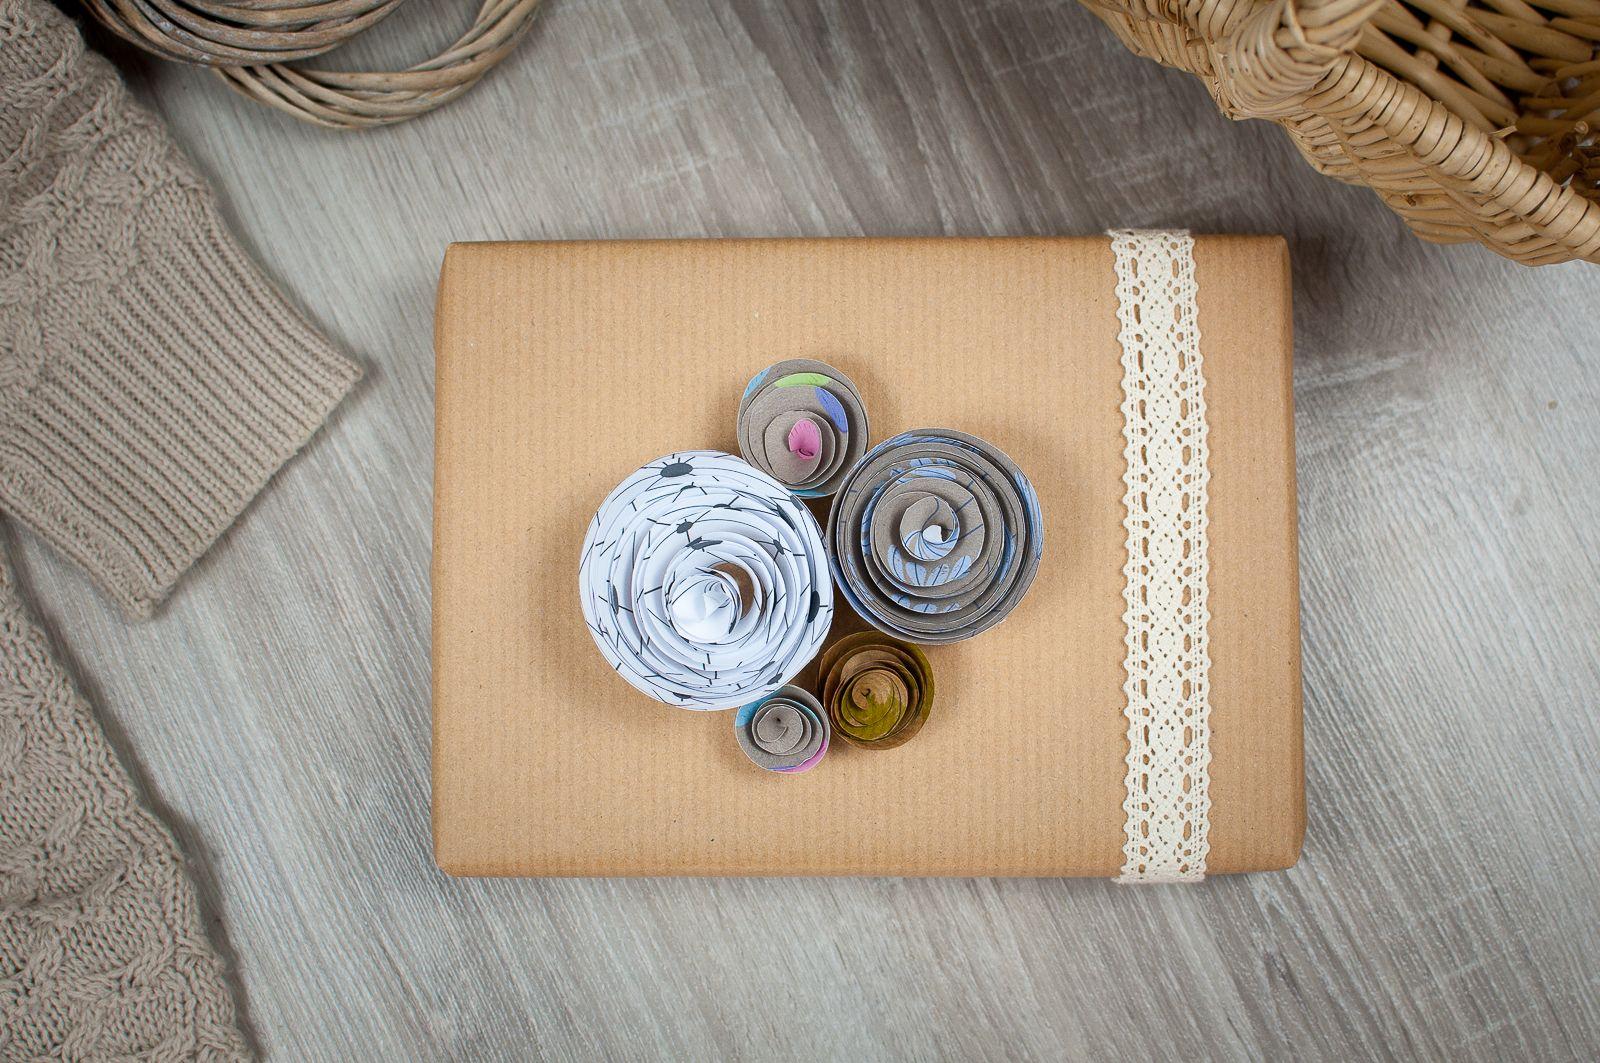 verpackungsideen sch n einpacken geschenke einpacken. Black Bedroom Furniture Sets. Home Design Ideas